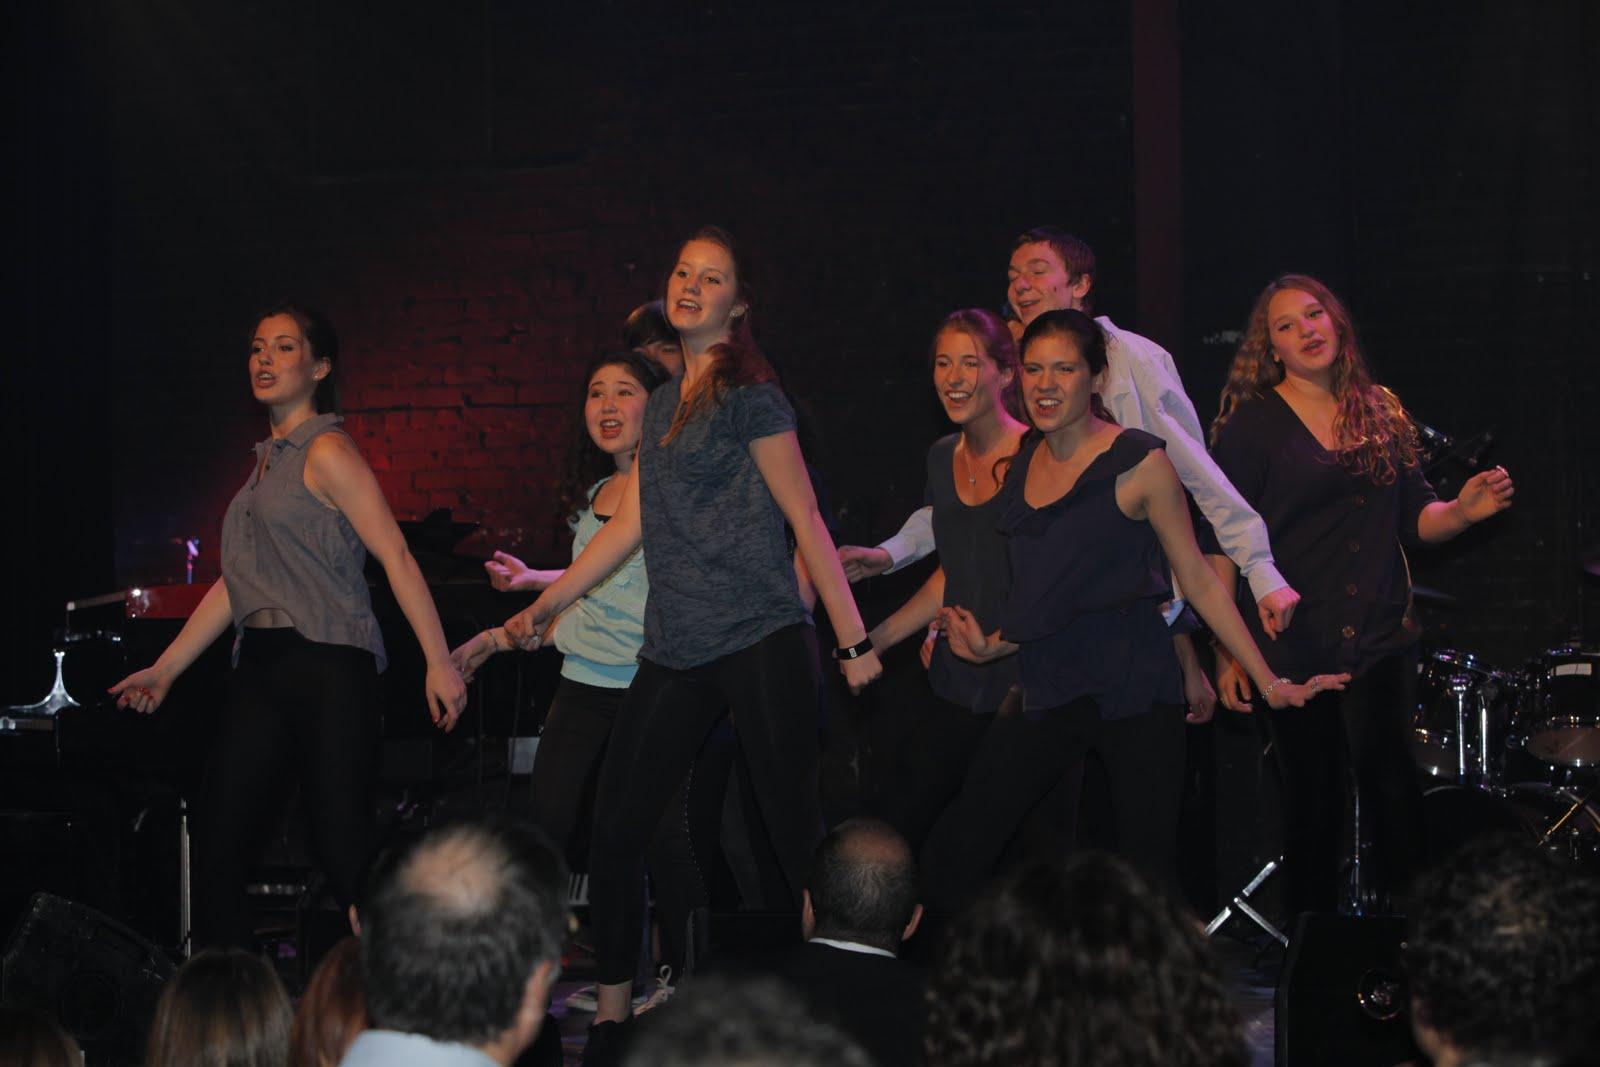 http://1.bp.blogspot.com/-I1XGDAM2GrQ/TeMNbWB-LxI/AAAAAAAAAH8/R8VFTV_tcf8/s1600/NikkiShow-Glee.JPG